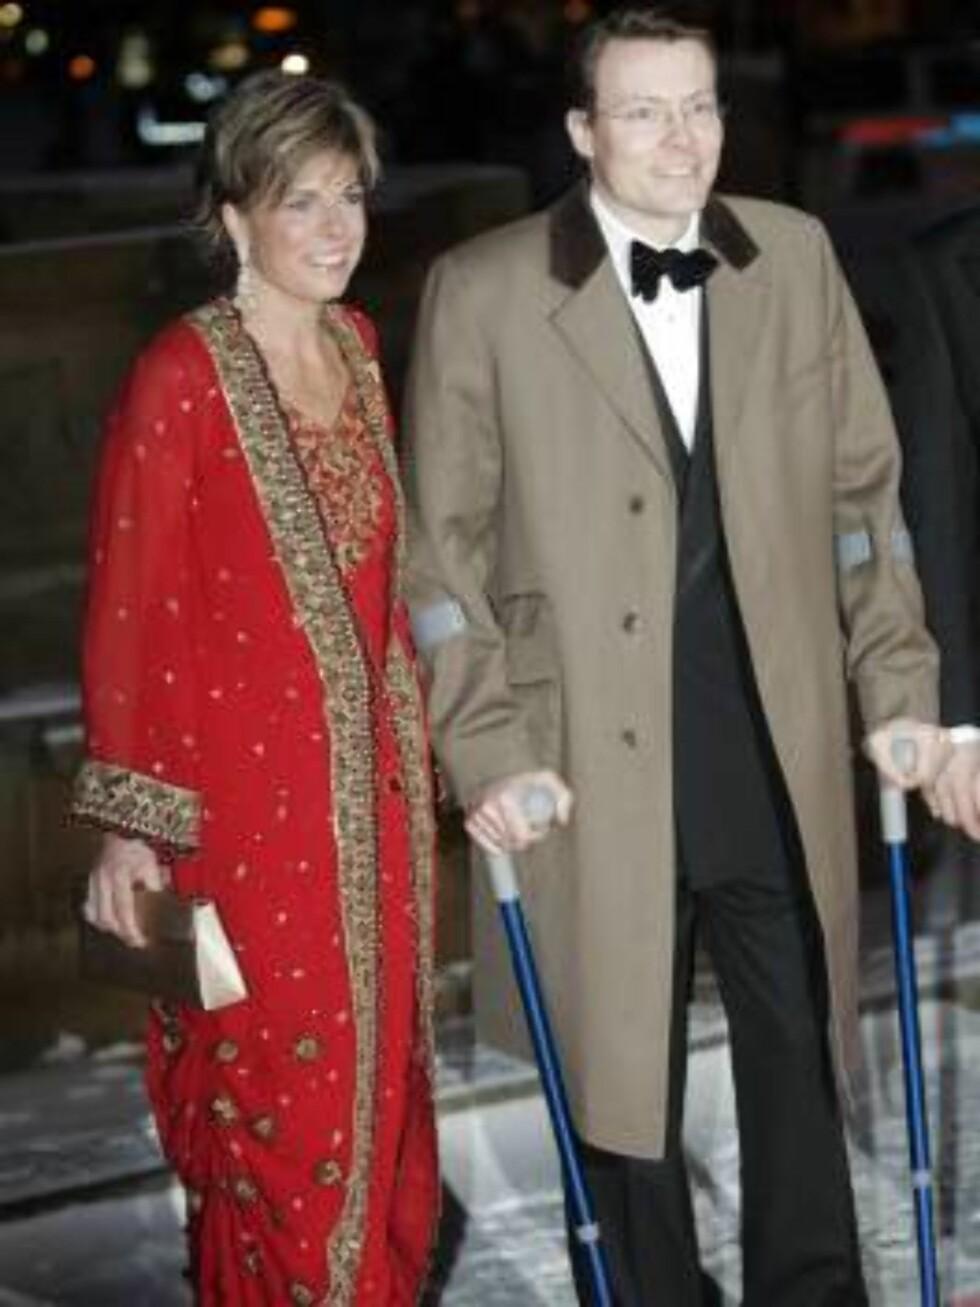 OSLO 20070223: Prins Constantijn og prinsesse Laurentien ankommer festforestillingen i Oslo rådhus fredag kveld.  Foto: Lise Åserud / SCANPIX       Foto: SCANPIX